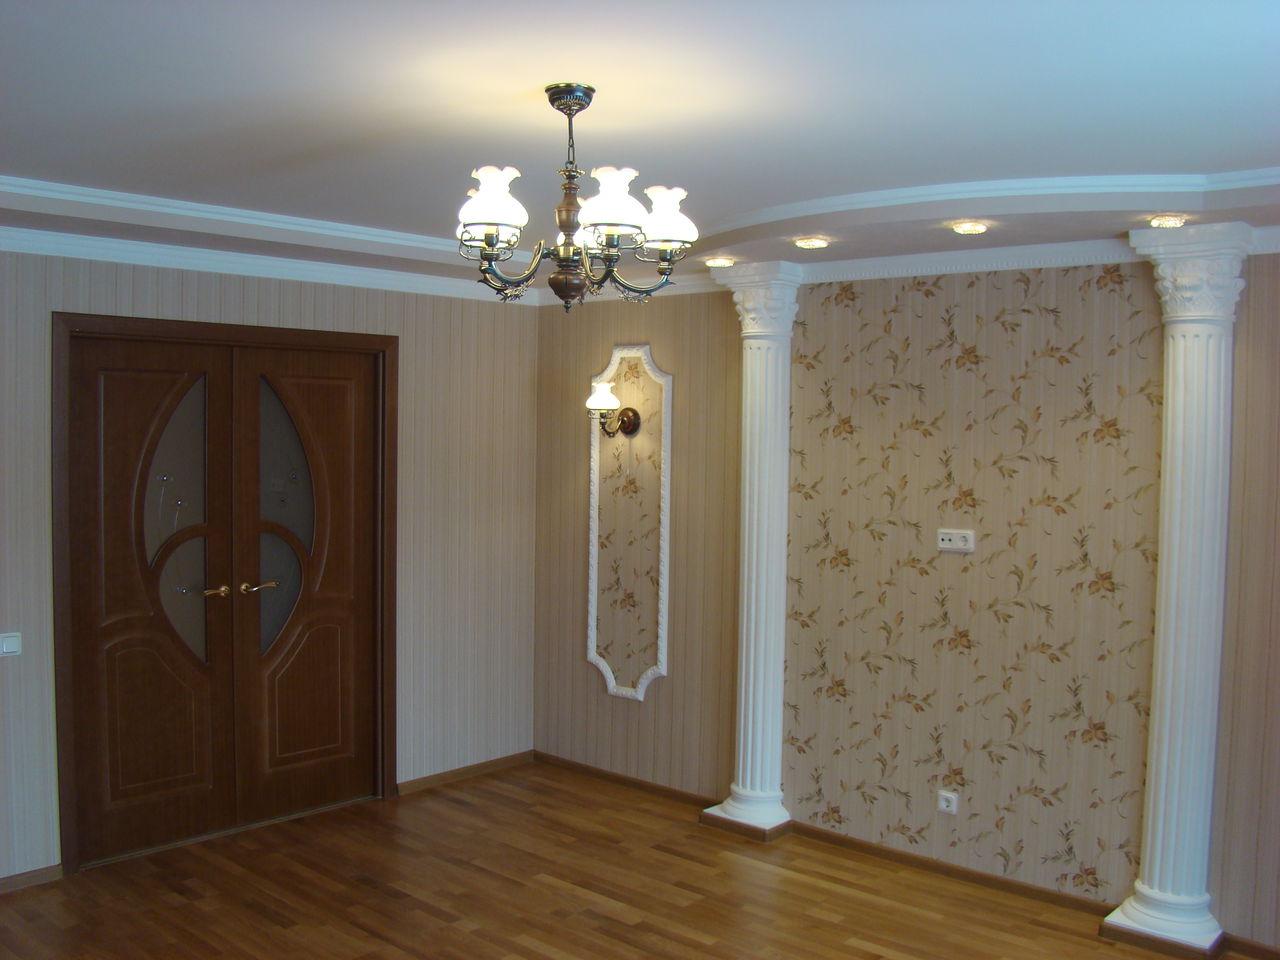 Потолок с драпировкой из ткани своими руками фото 940